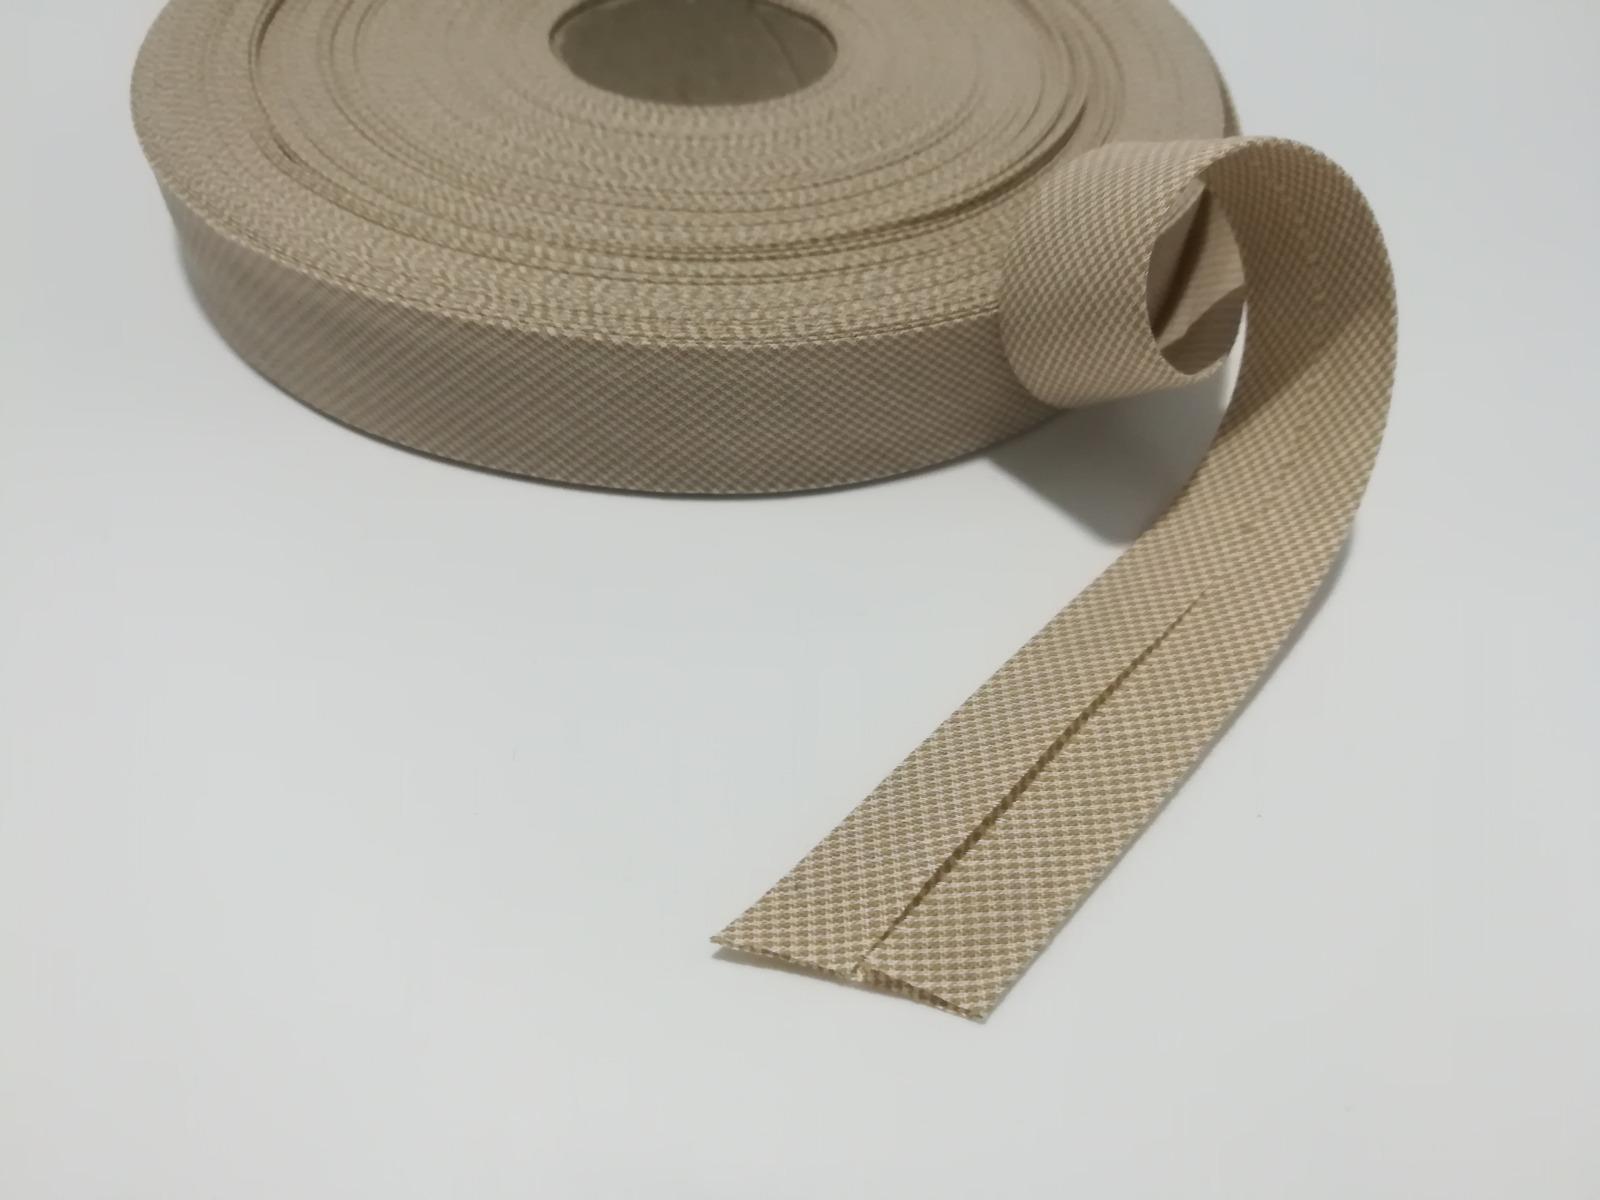 Schrägband 1 Meter beige-weiß Hahnentritt